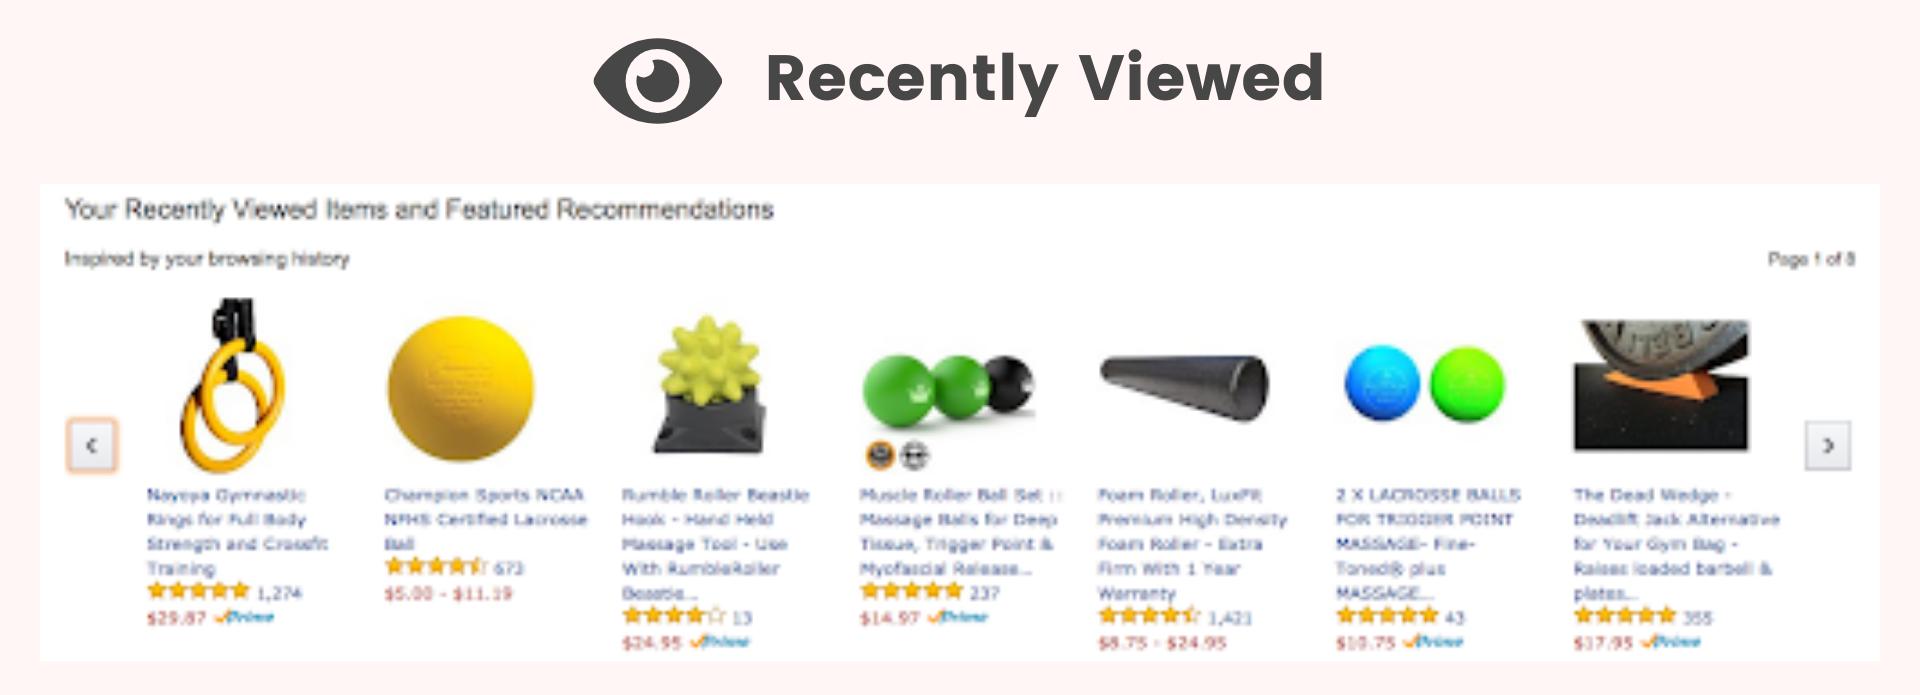 Amazon recently viewed